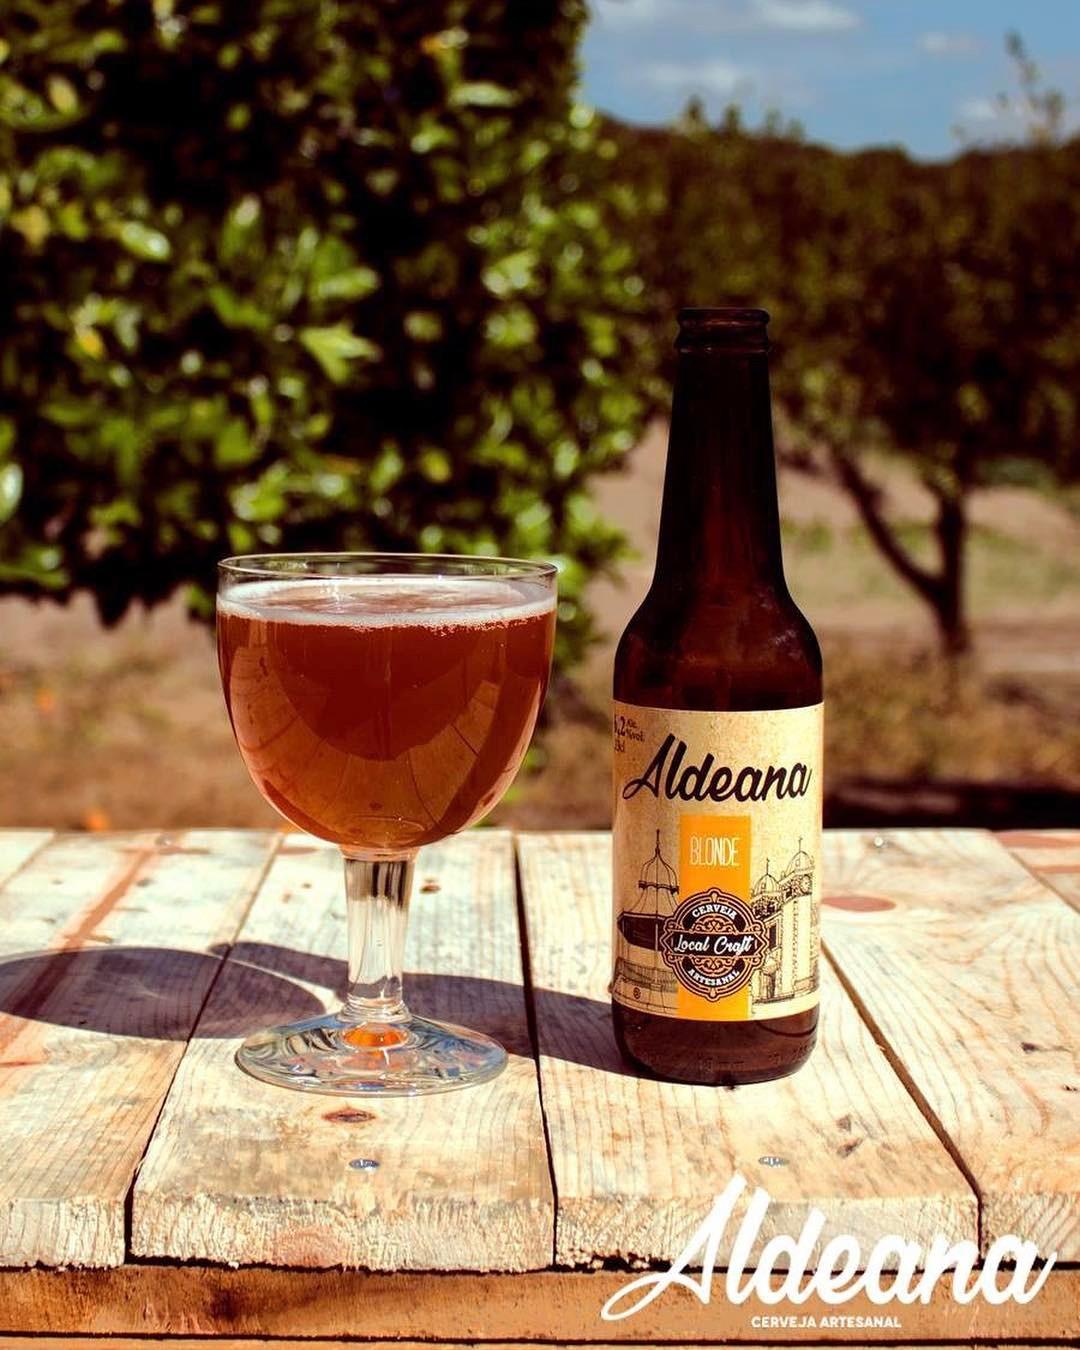 11 cervejas artesanais portuguesas que tem mesmo de experimentar